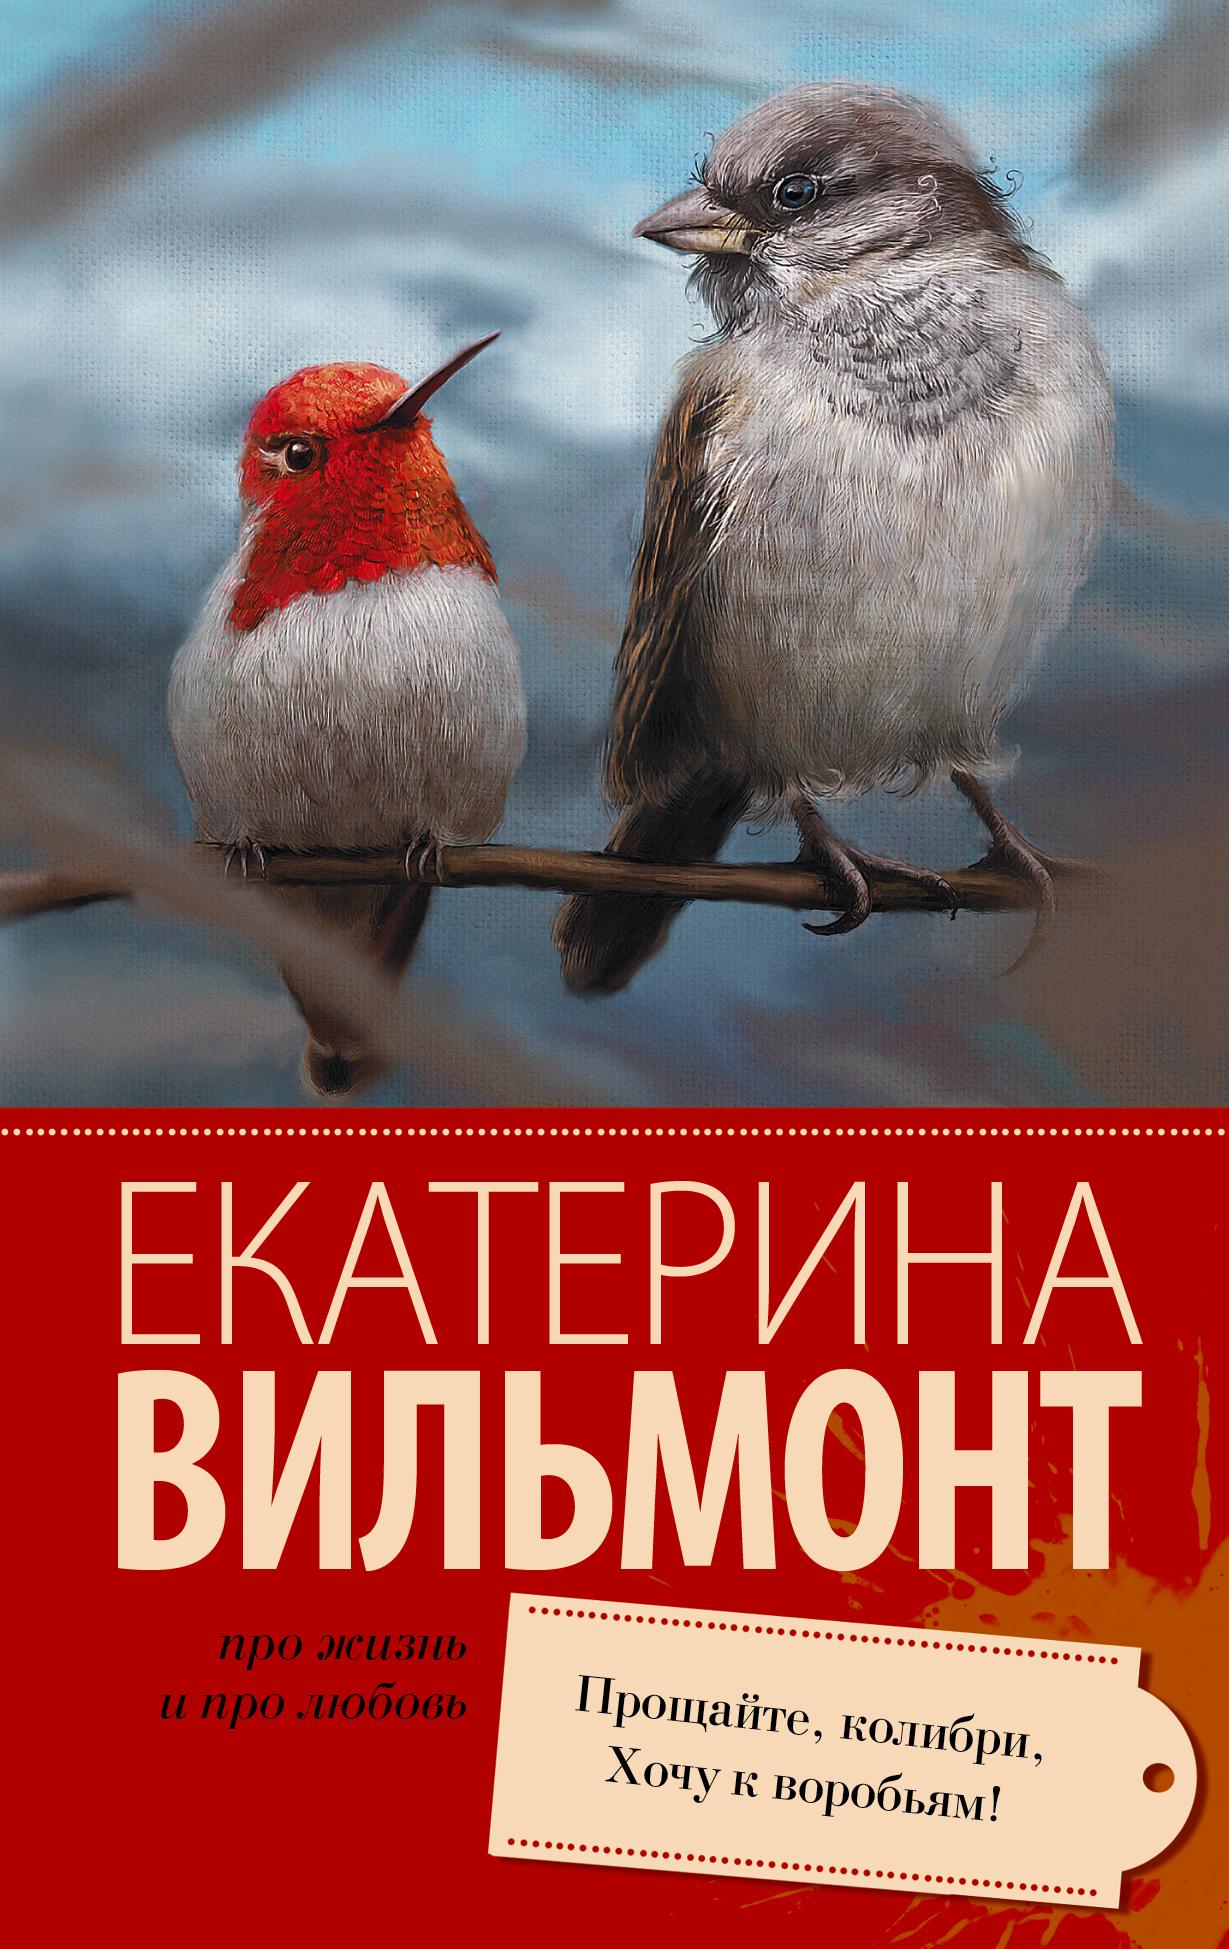 Вильмонт Е.Н. Прощайте, колибри! Хочу к воробьям! ISBN: 978-5-17-089681-3 вильмонт е н прощайте колибри хочу к воробьям